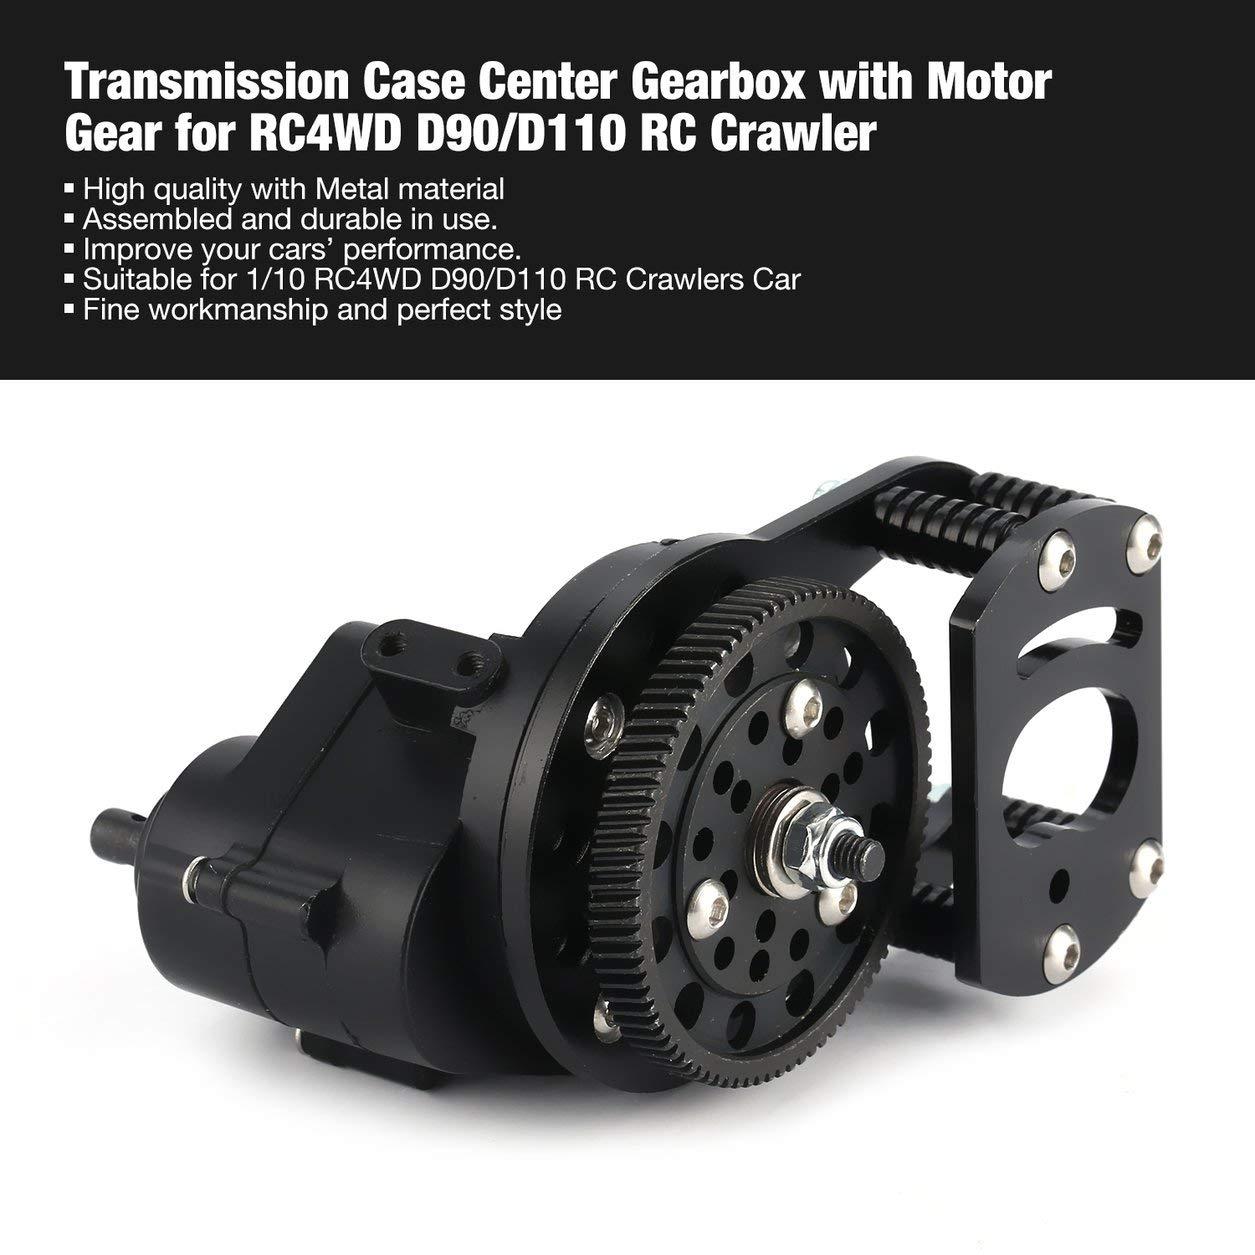 Dailyinshop Getriebe Case Center Getriebe mit Motor Getriebe für RC4WD D90 / D110 RC Crawler, schwarz